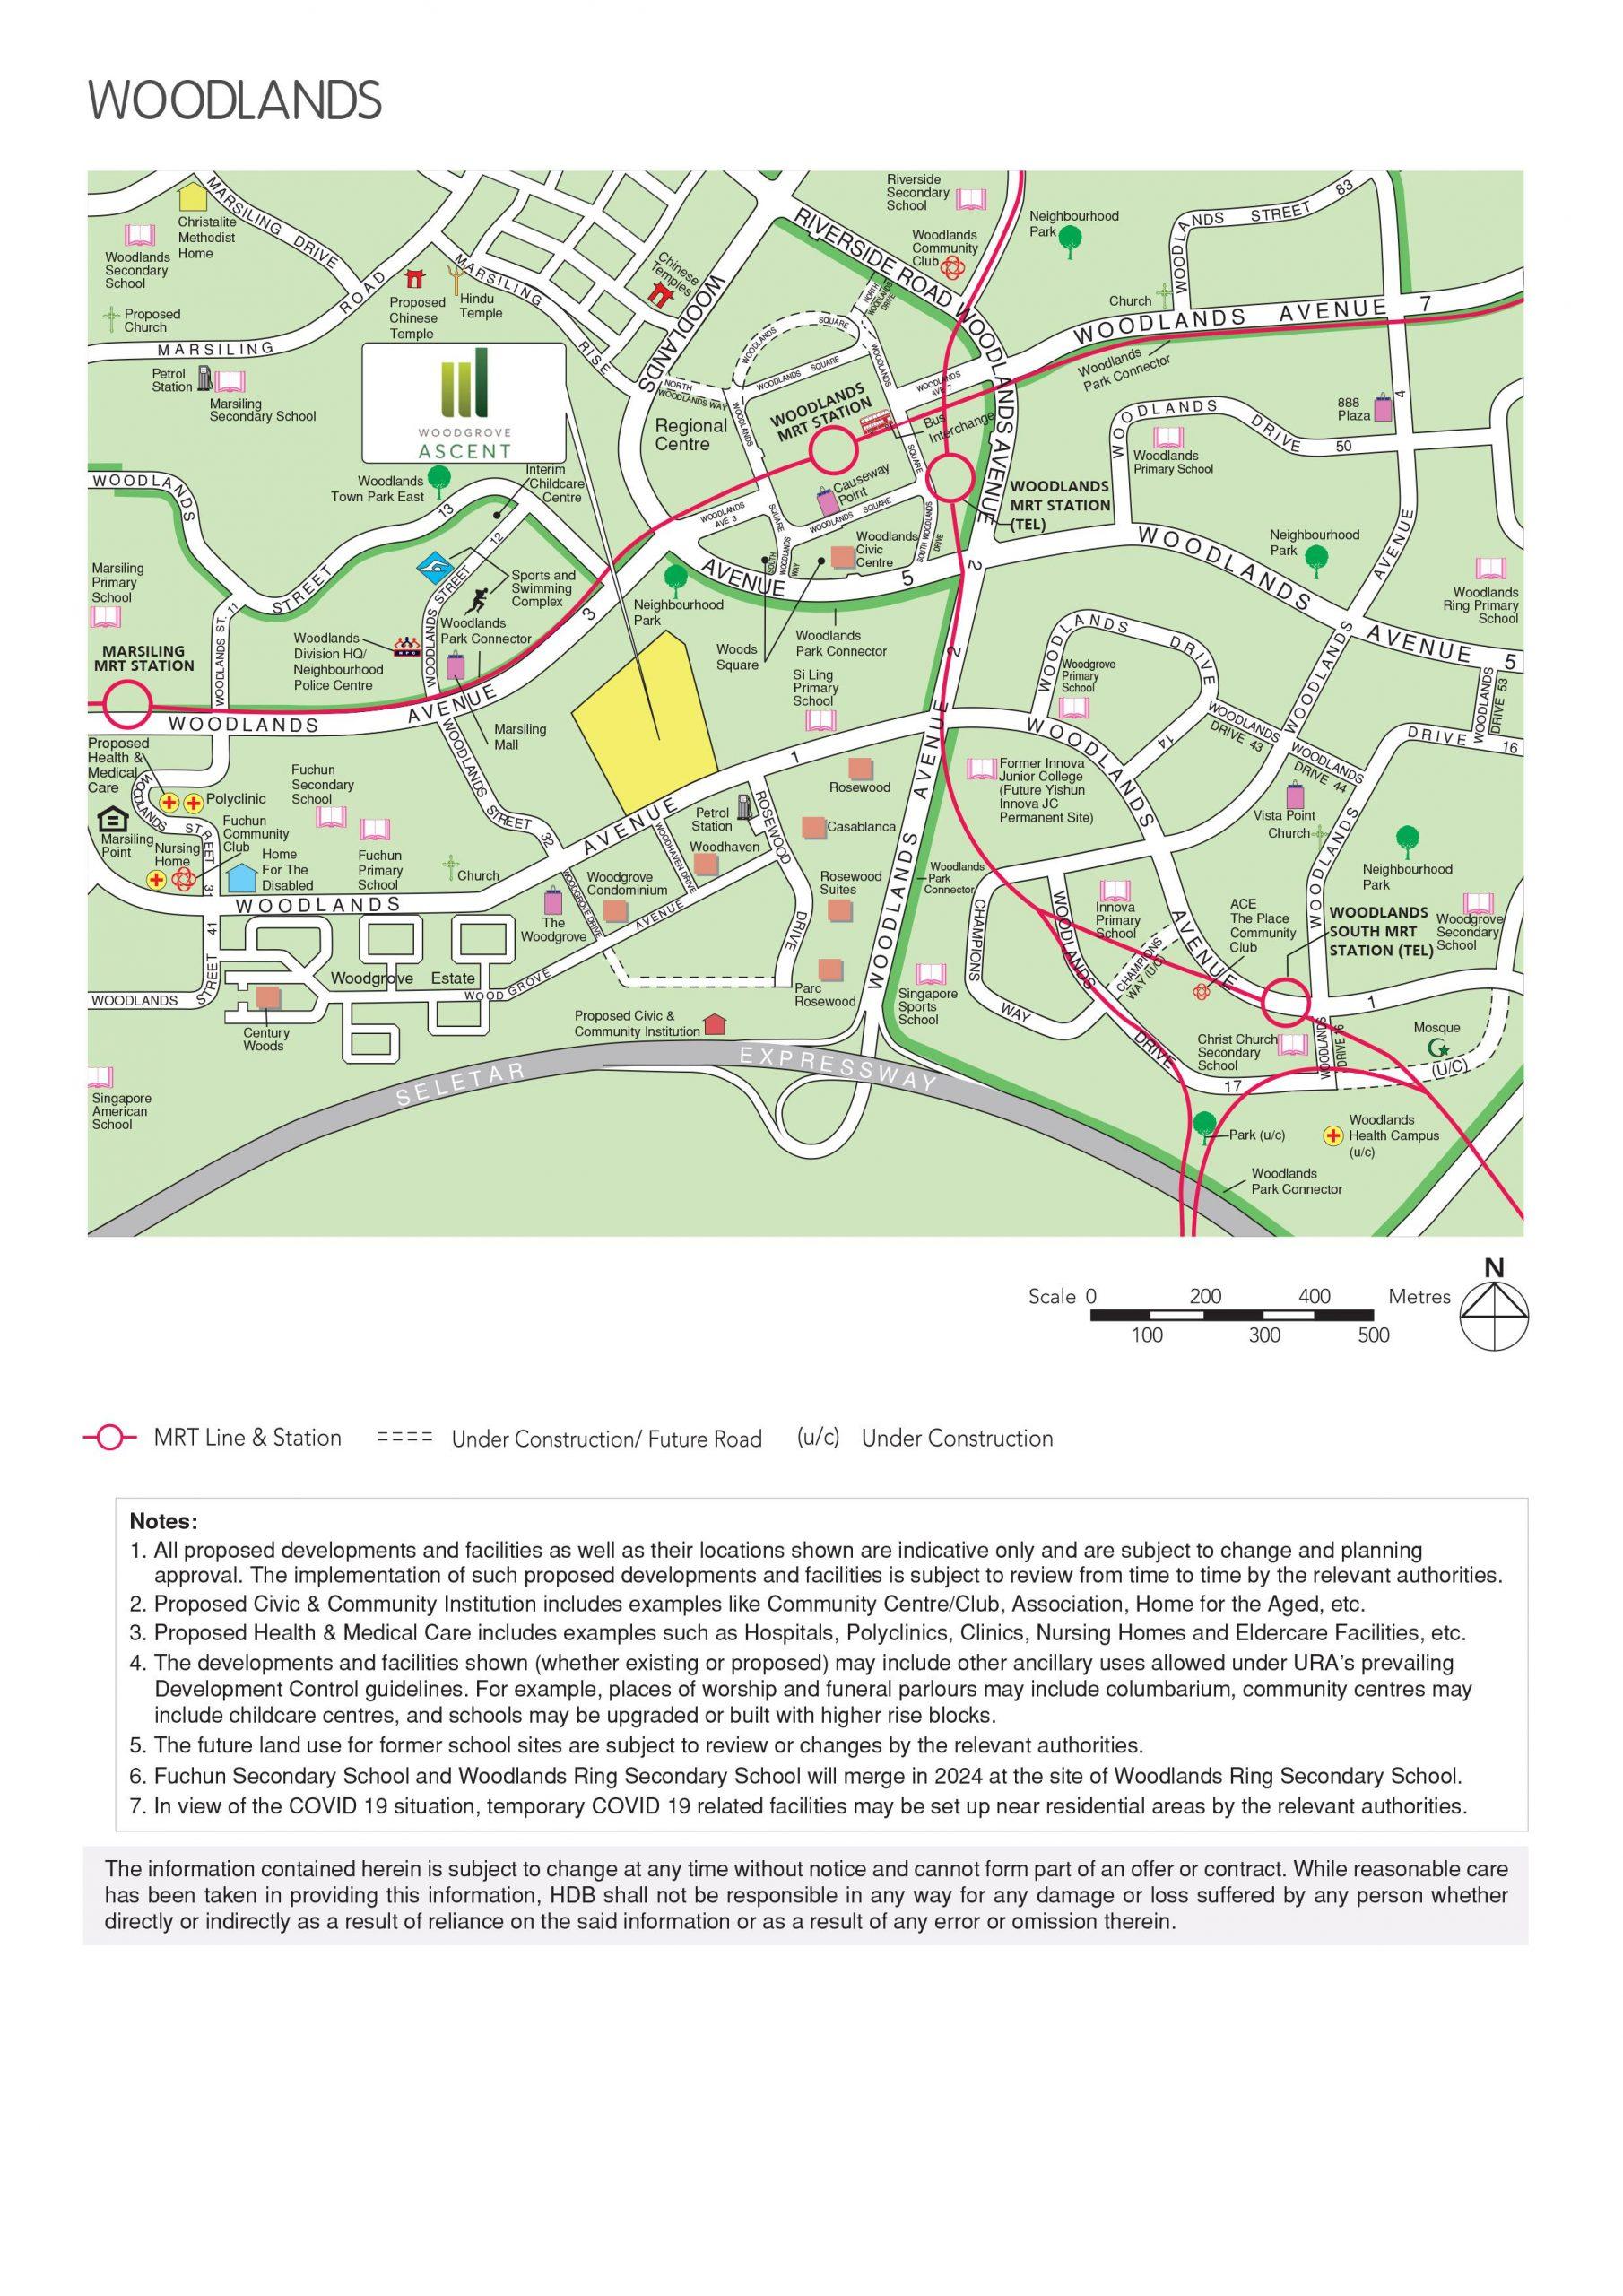 May 2021 Woodlands BTO full map